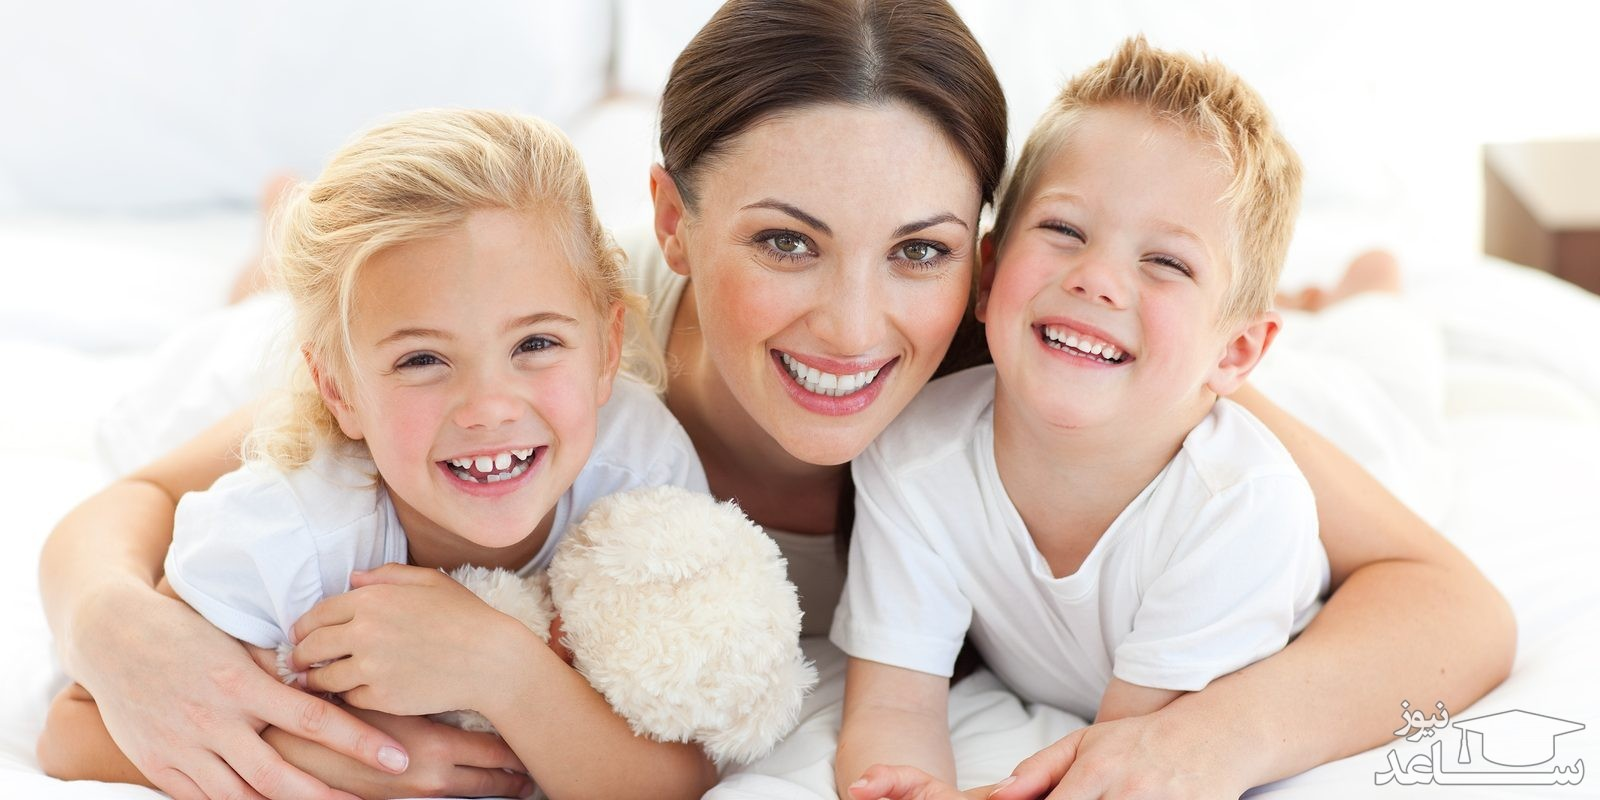 چگونه یک مادر شاد و خوشبخت باشم؟